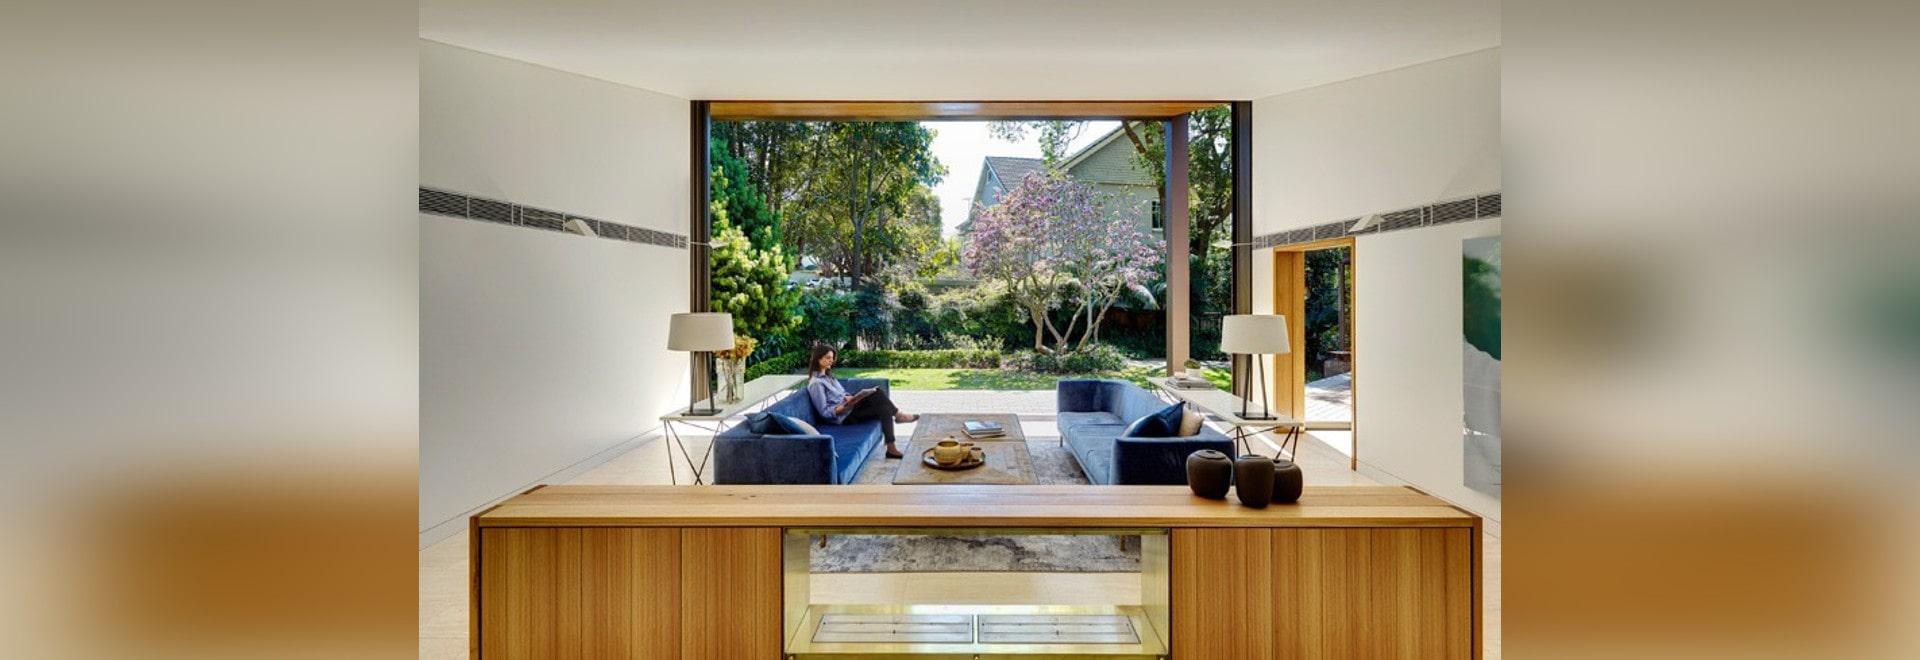 Tzannes Teilnehmer entwerfen ein Haus mit den Innen-/im Freienräumen ...